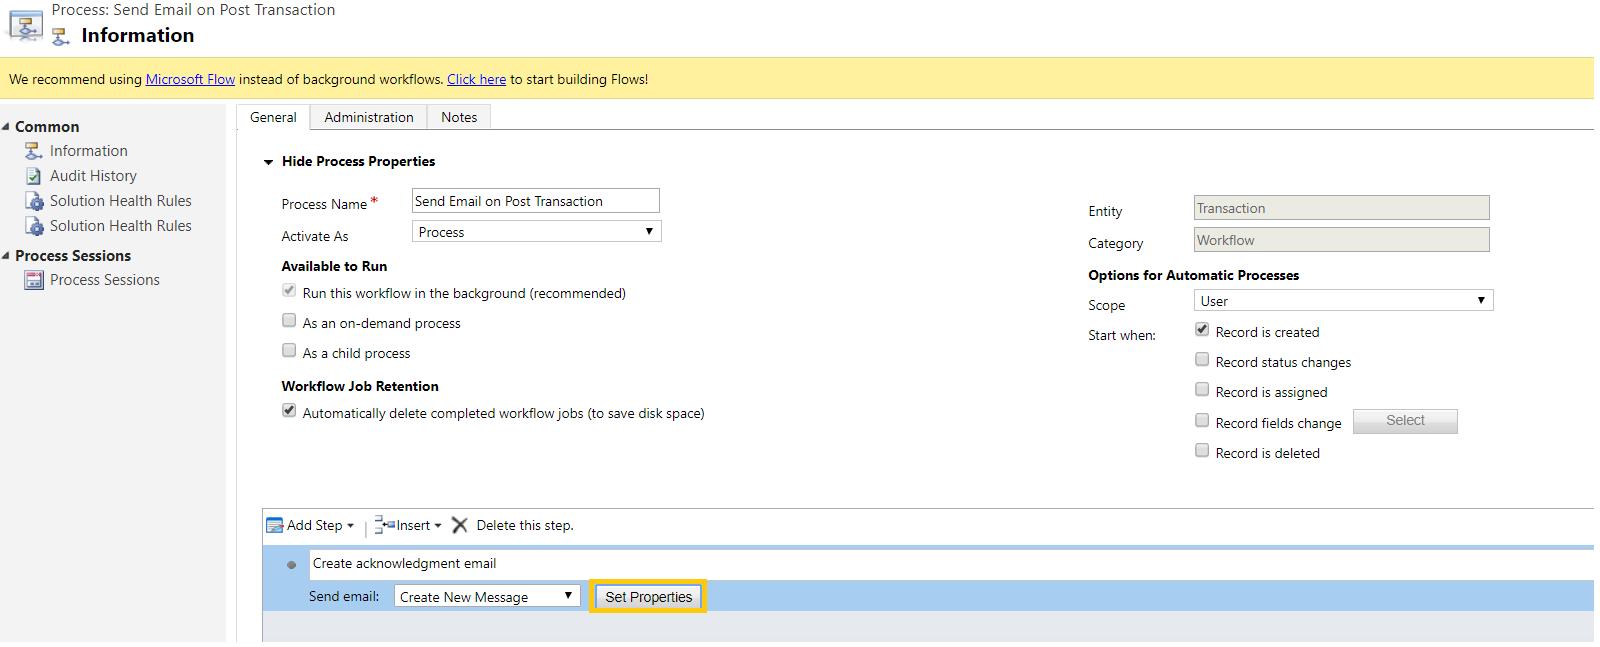 SendMail_0.PNG